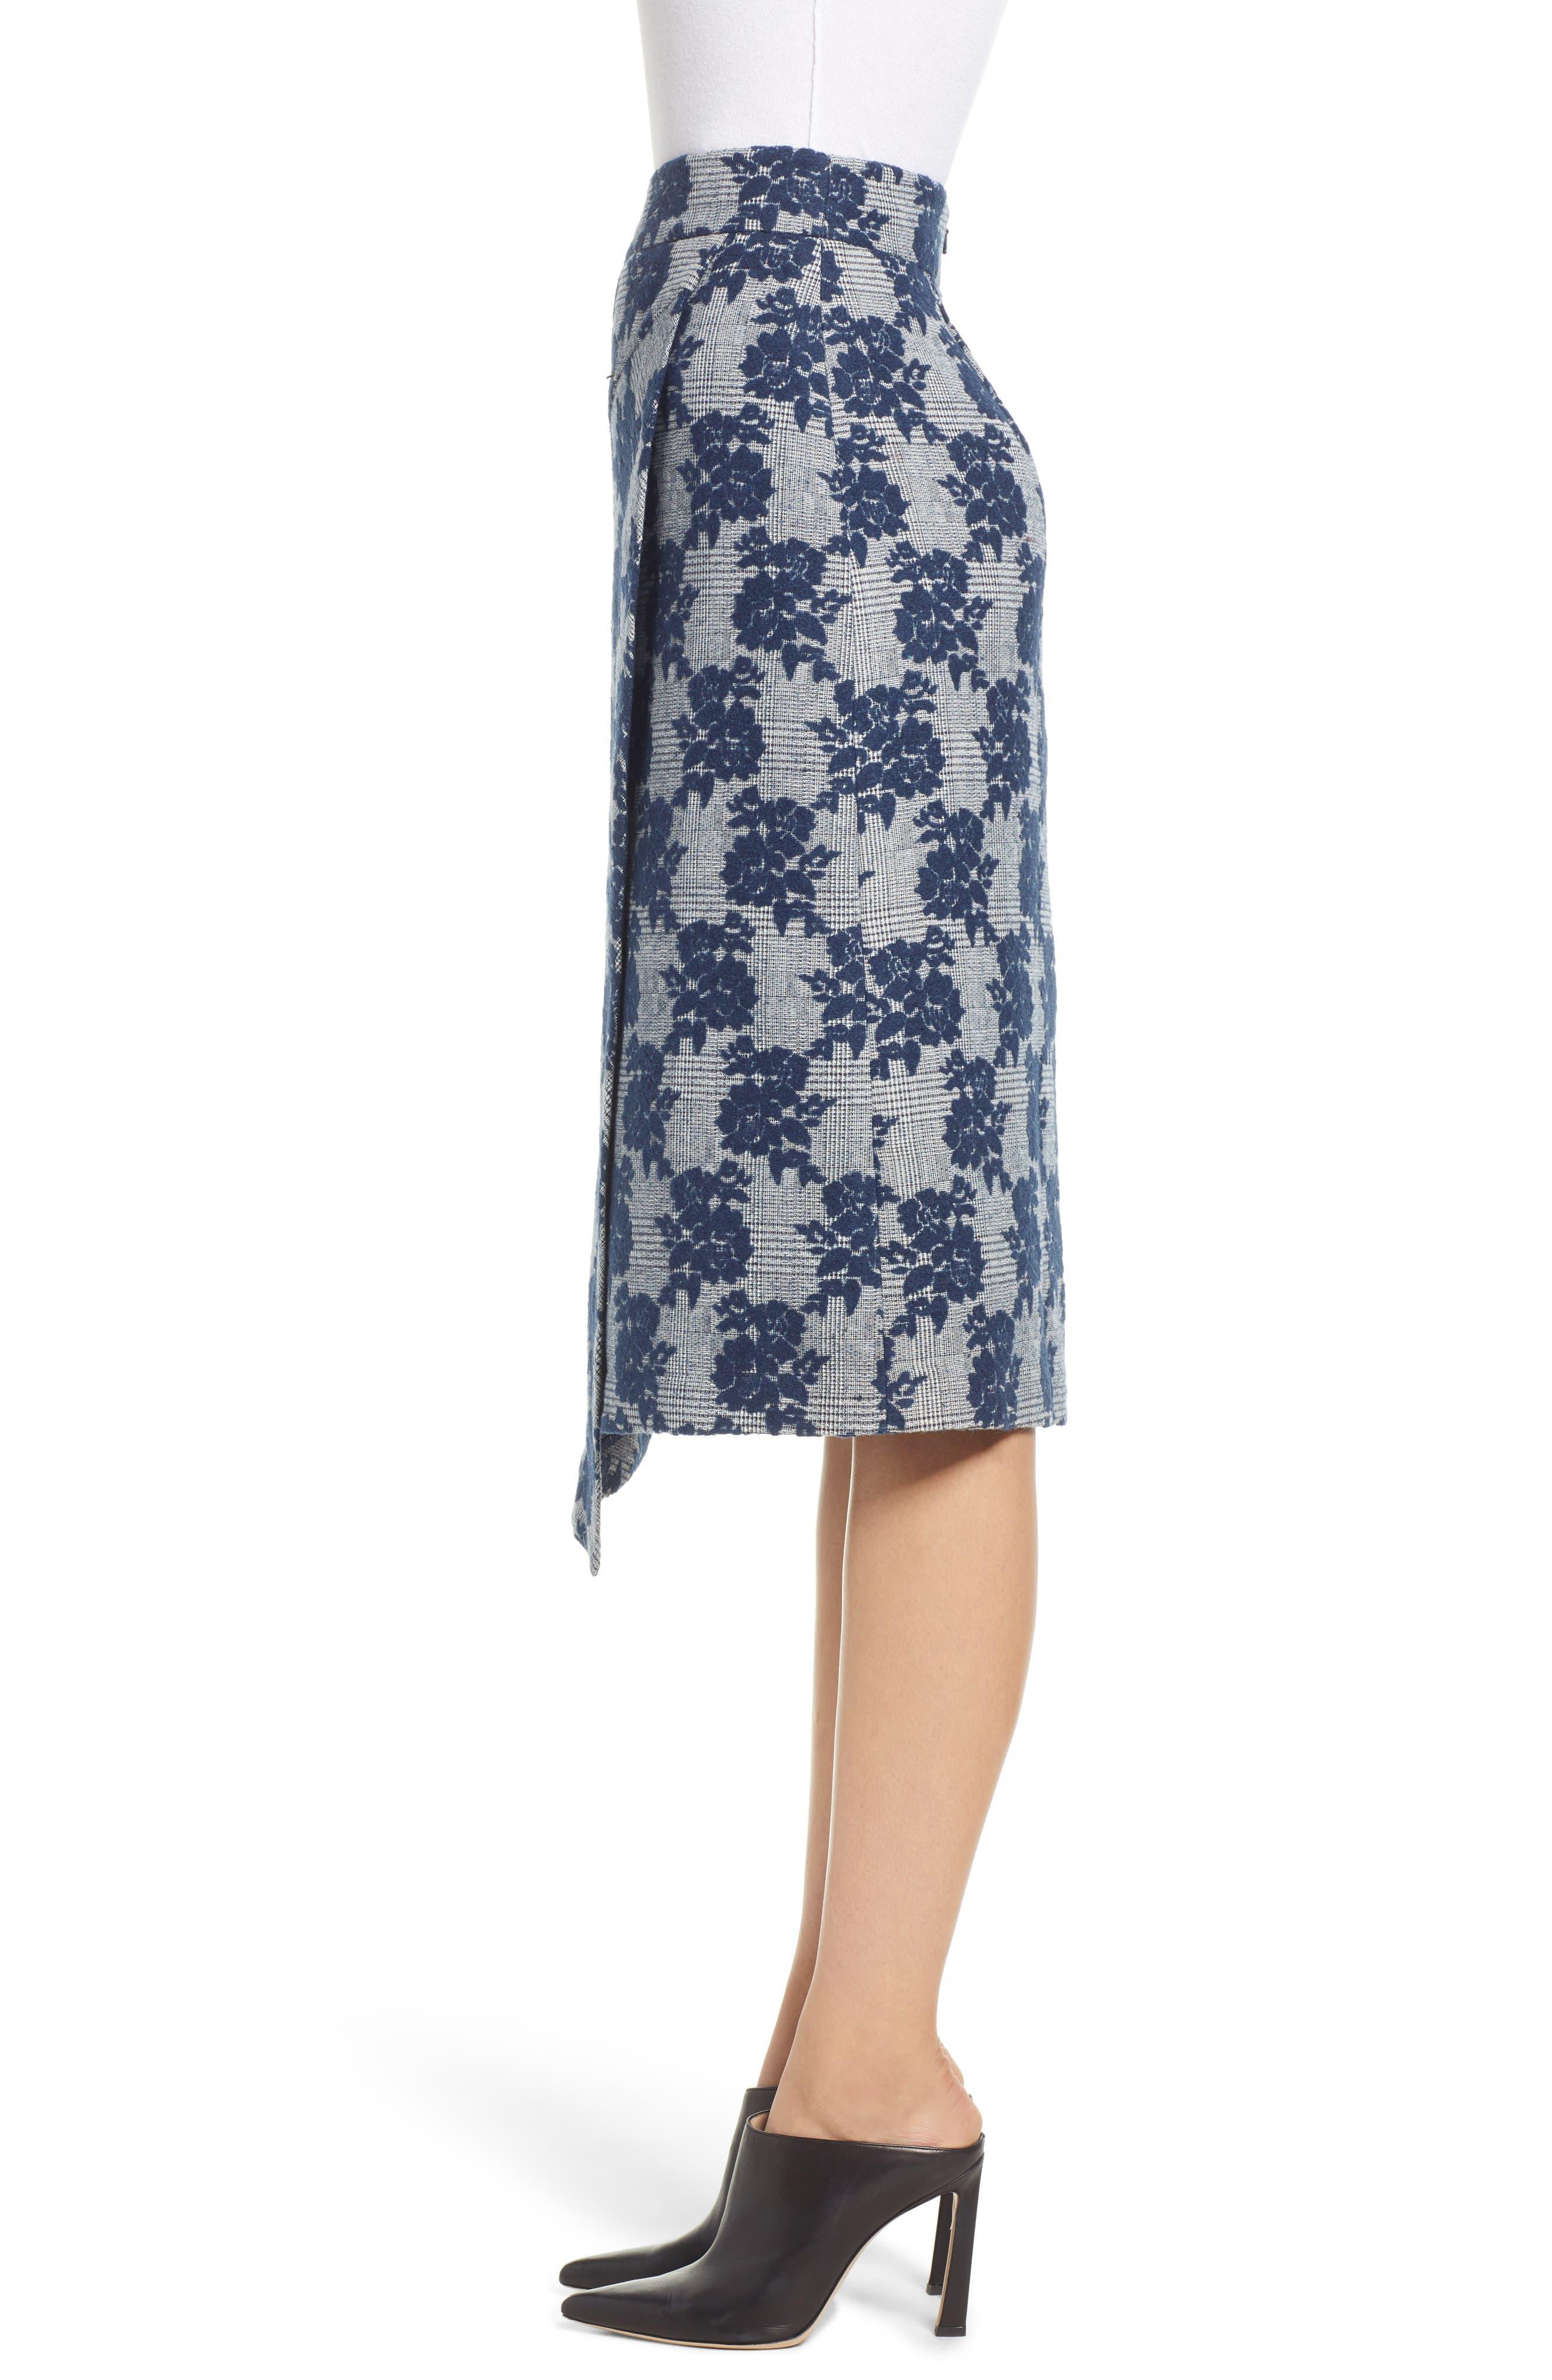 Floral Plaid Asymmetrical Skirt,                             Alternate thumbnail 3, color,                             BLUE PLAID FLORAL